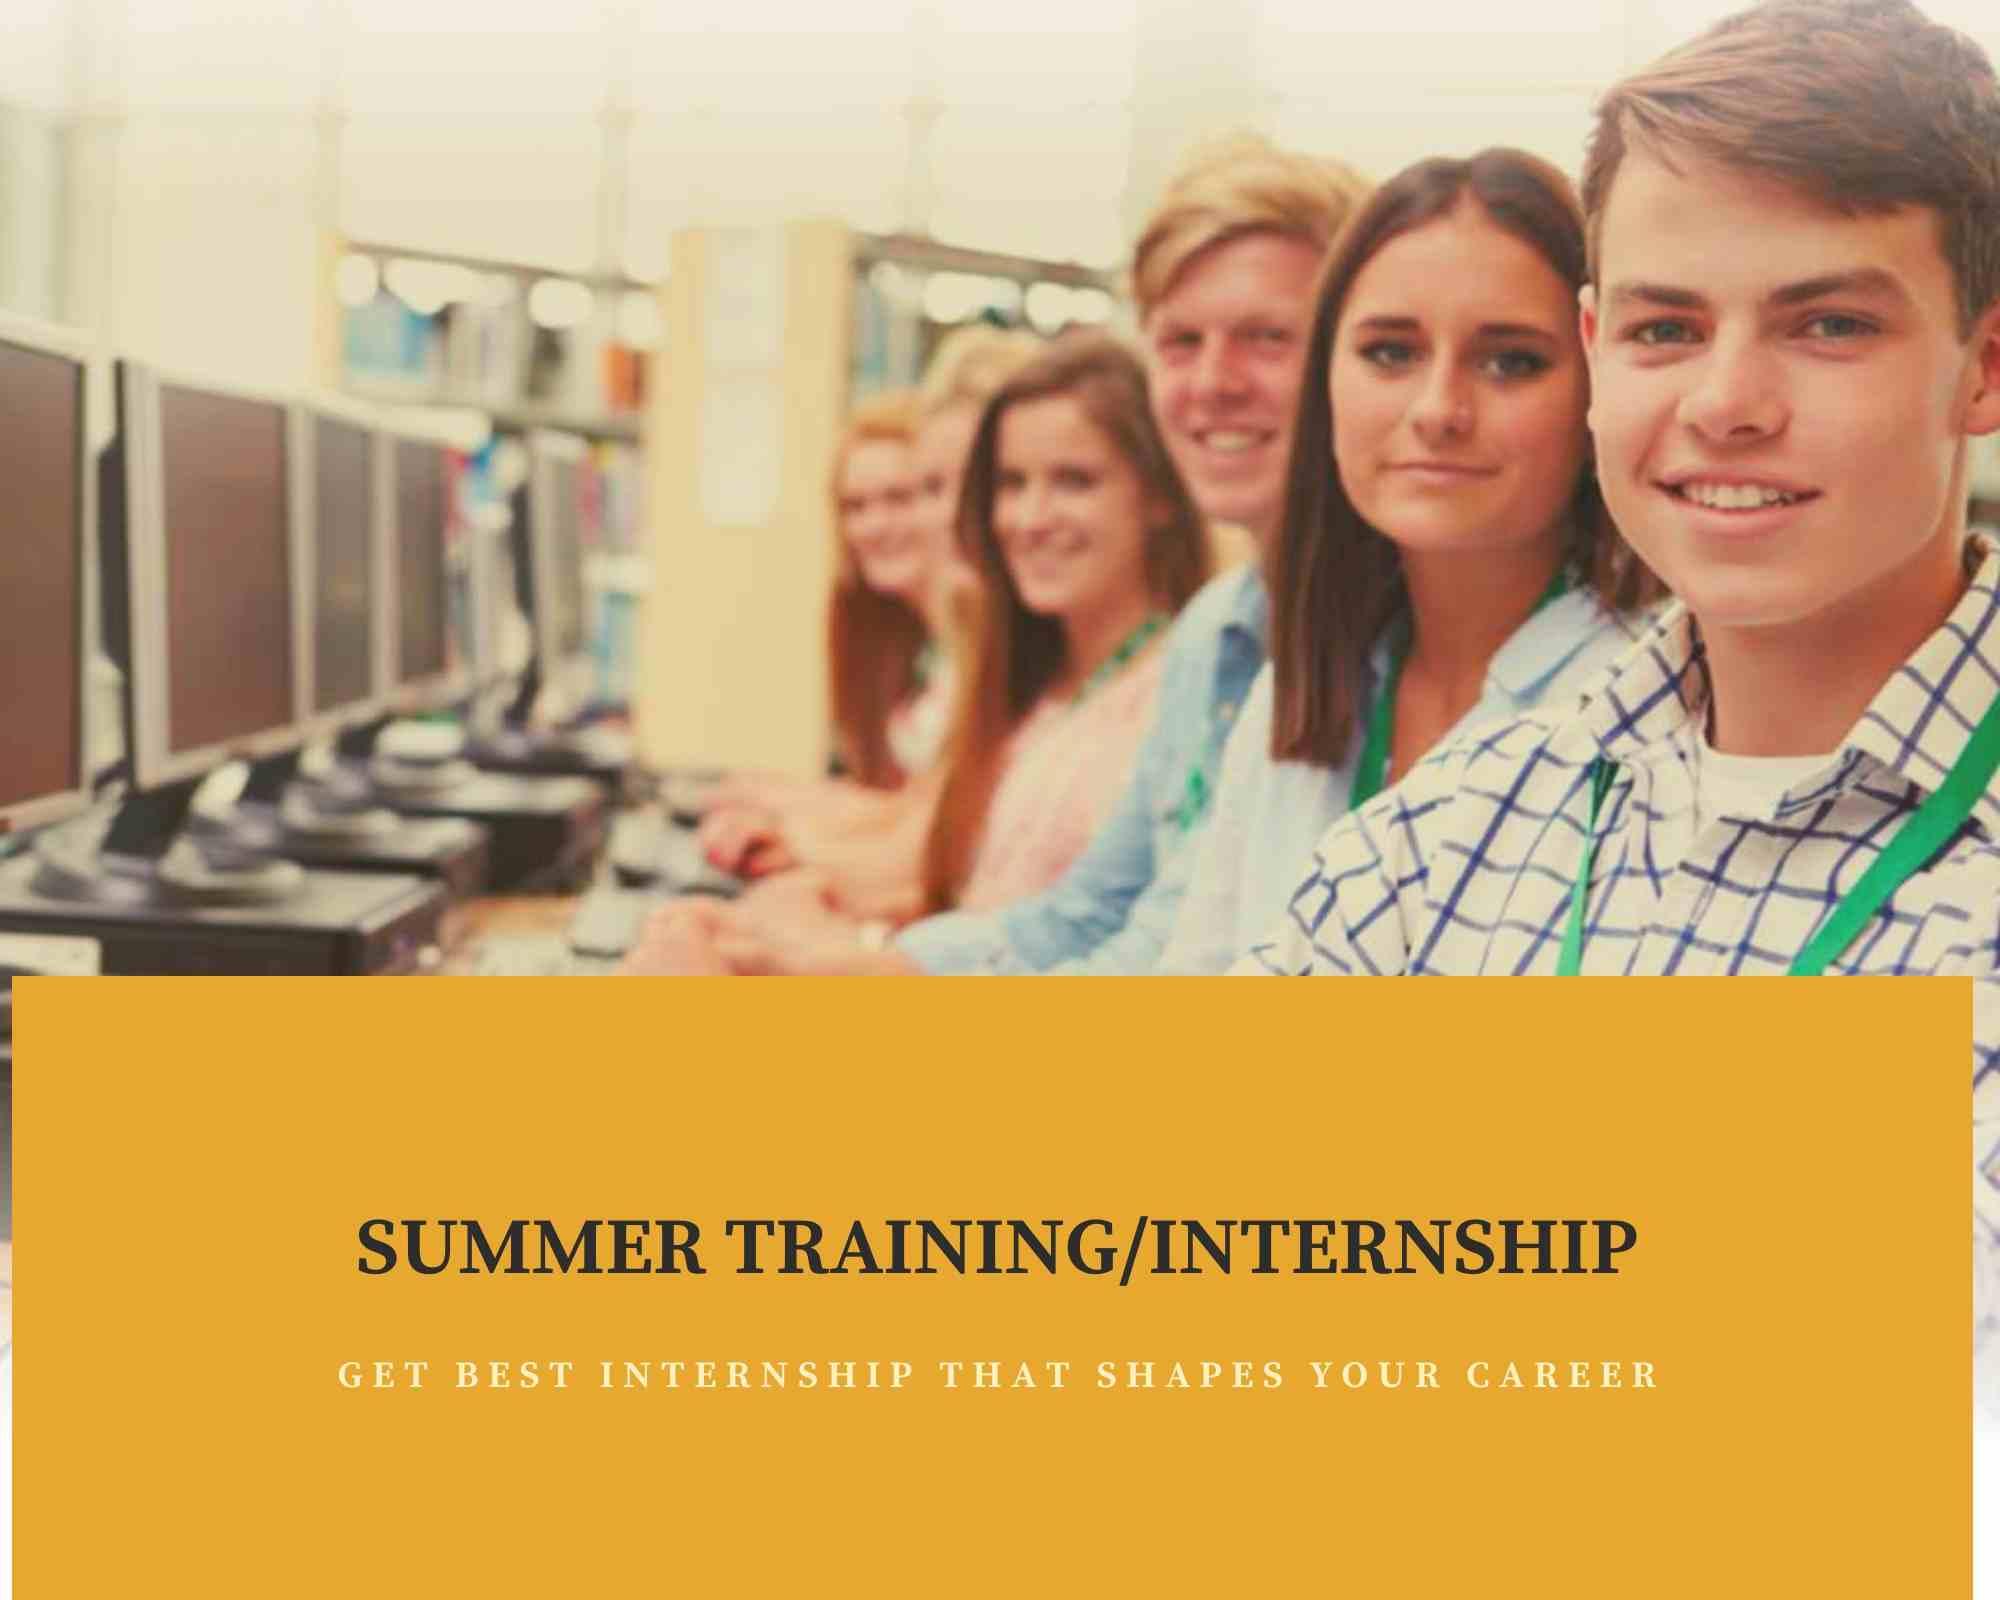 Summer Training & Internship